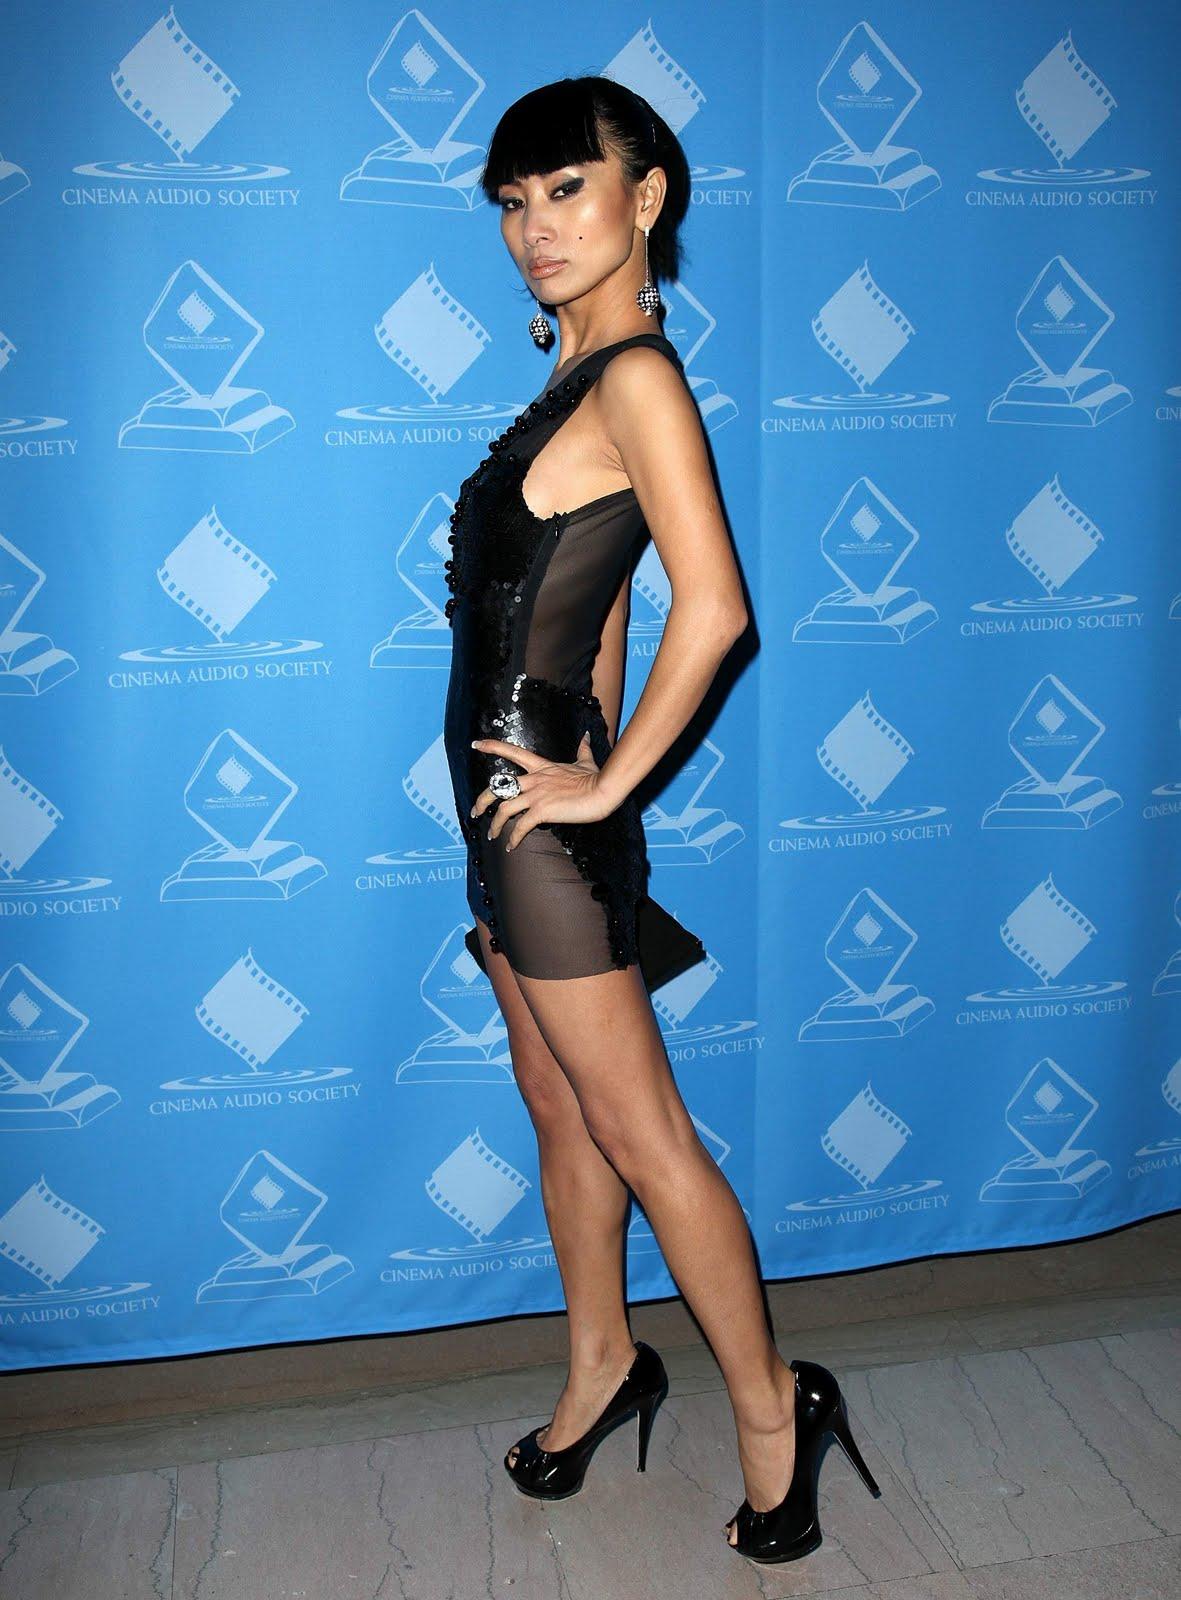 http://3.bp.blogspot.com/-ar8OWiM3ekI/TWTpWurO7yI/AAAAAAAAF5A/O2GSeJmvuvs/s1600/celebskin_bai_ling_little_black_dress_seethru_backless_3.jpg